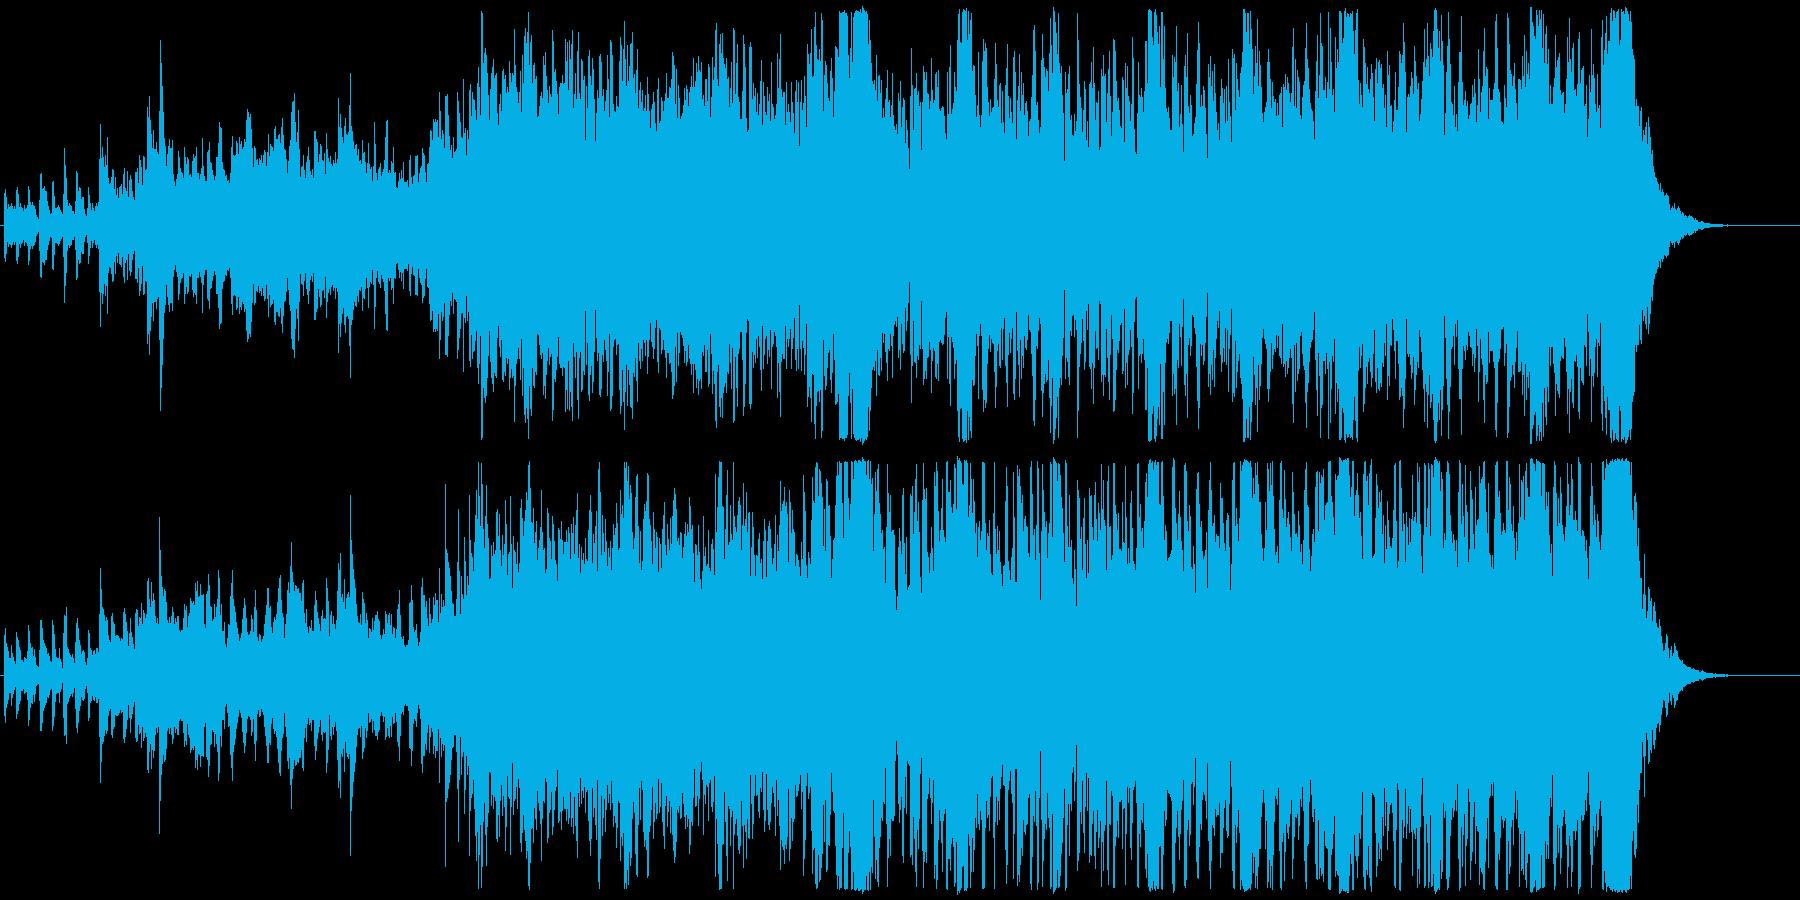 緊張感のあるオーケストラ系のBGMの再生済みの波形